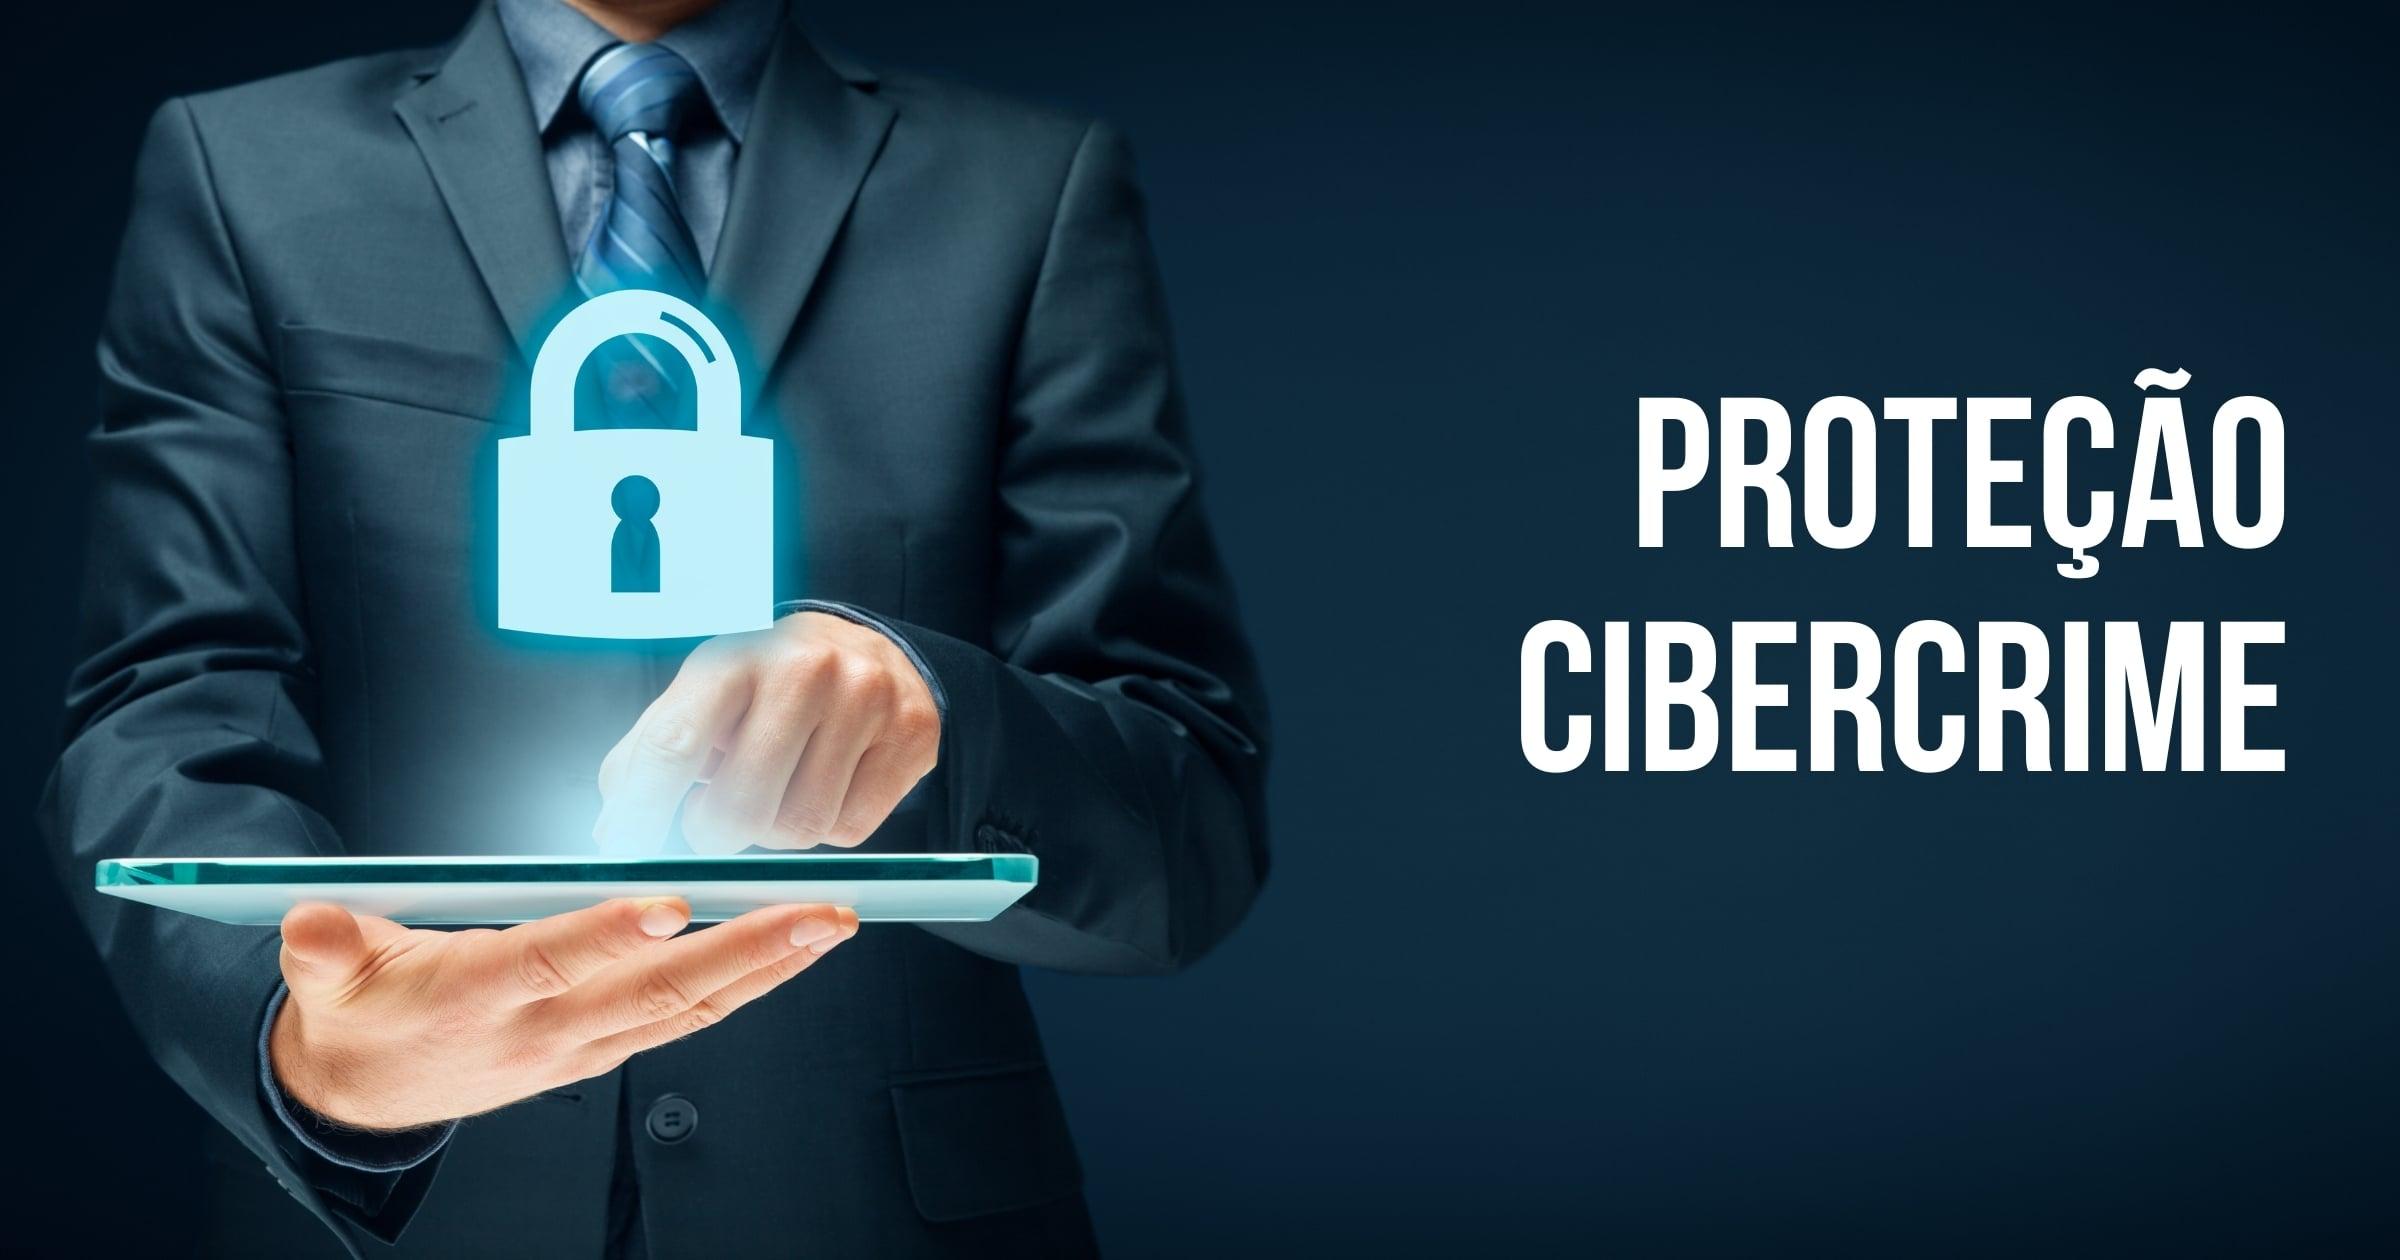 Proteção contra o Cibercrime: com os ataques a aumentarem, saiba como defender o seu negócio